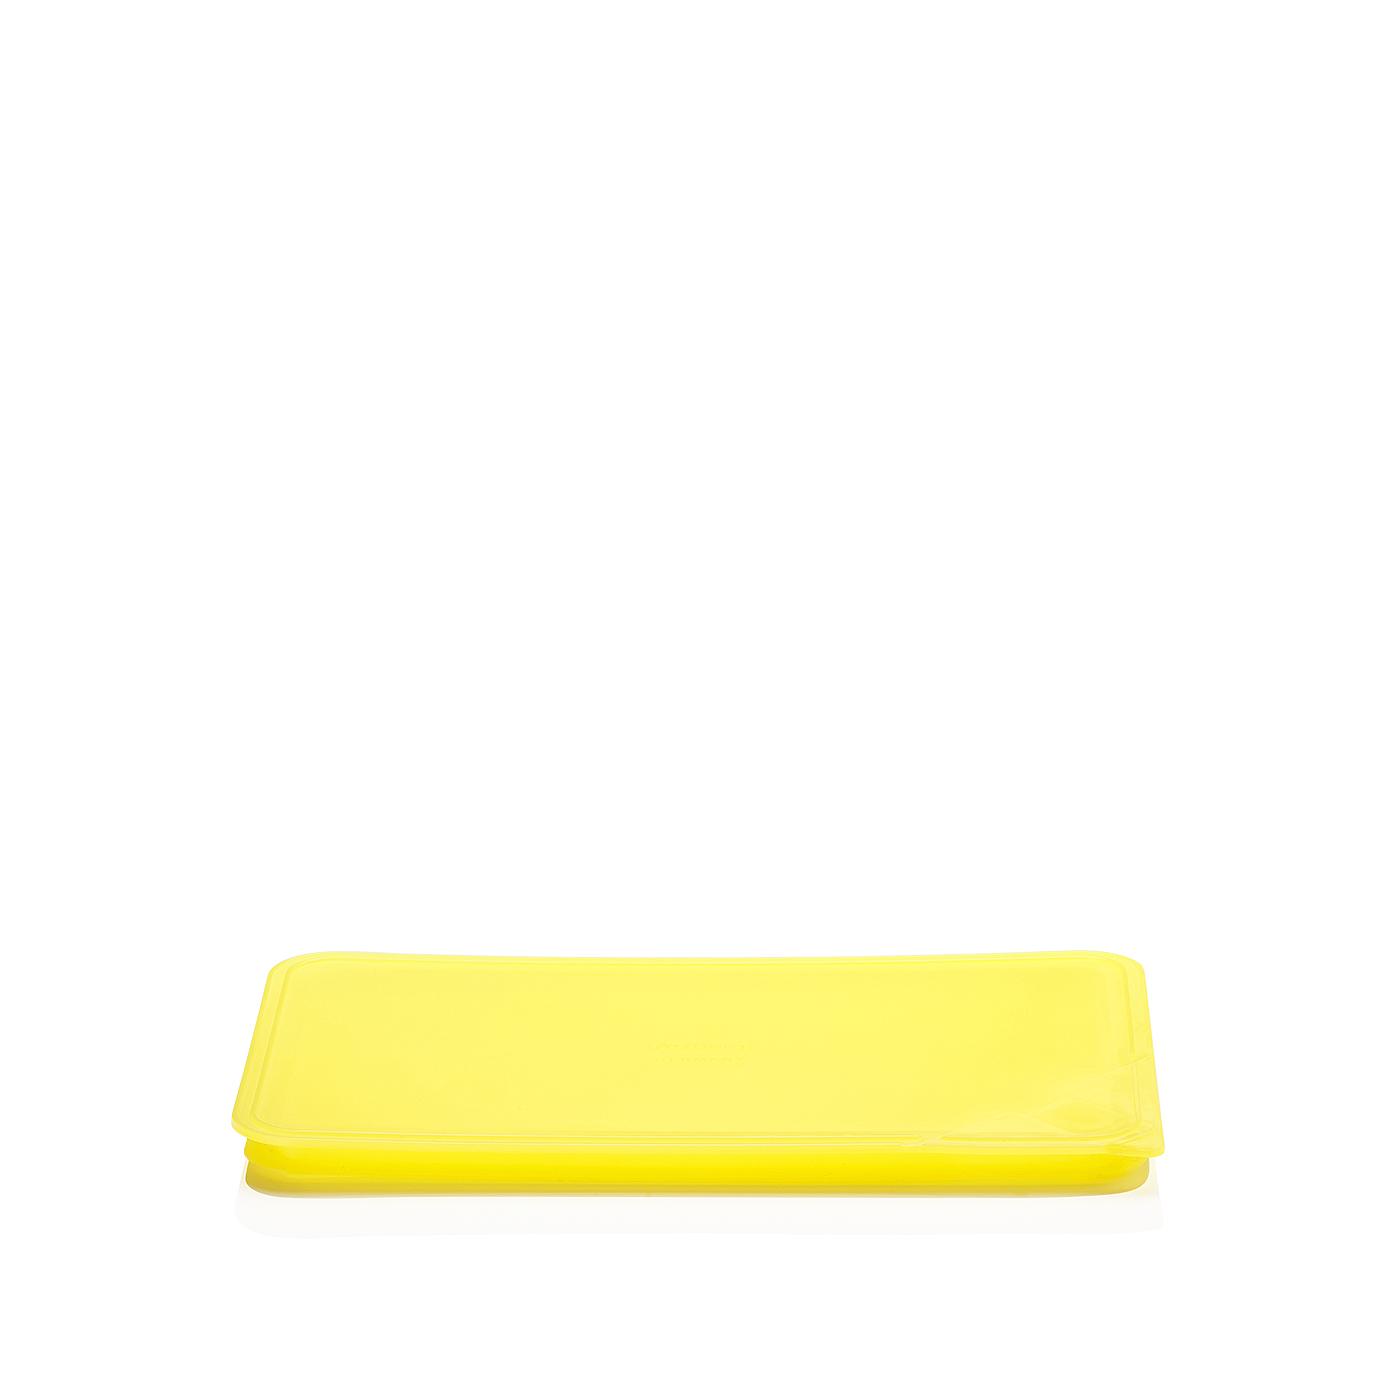 Aromadeckel 15x25 cm Küchenfreunde Kunststoff gelb Arzberg